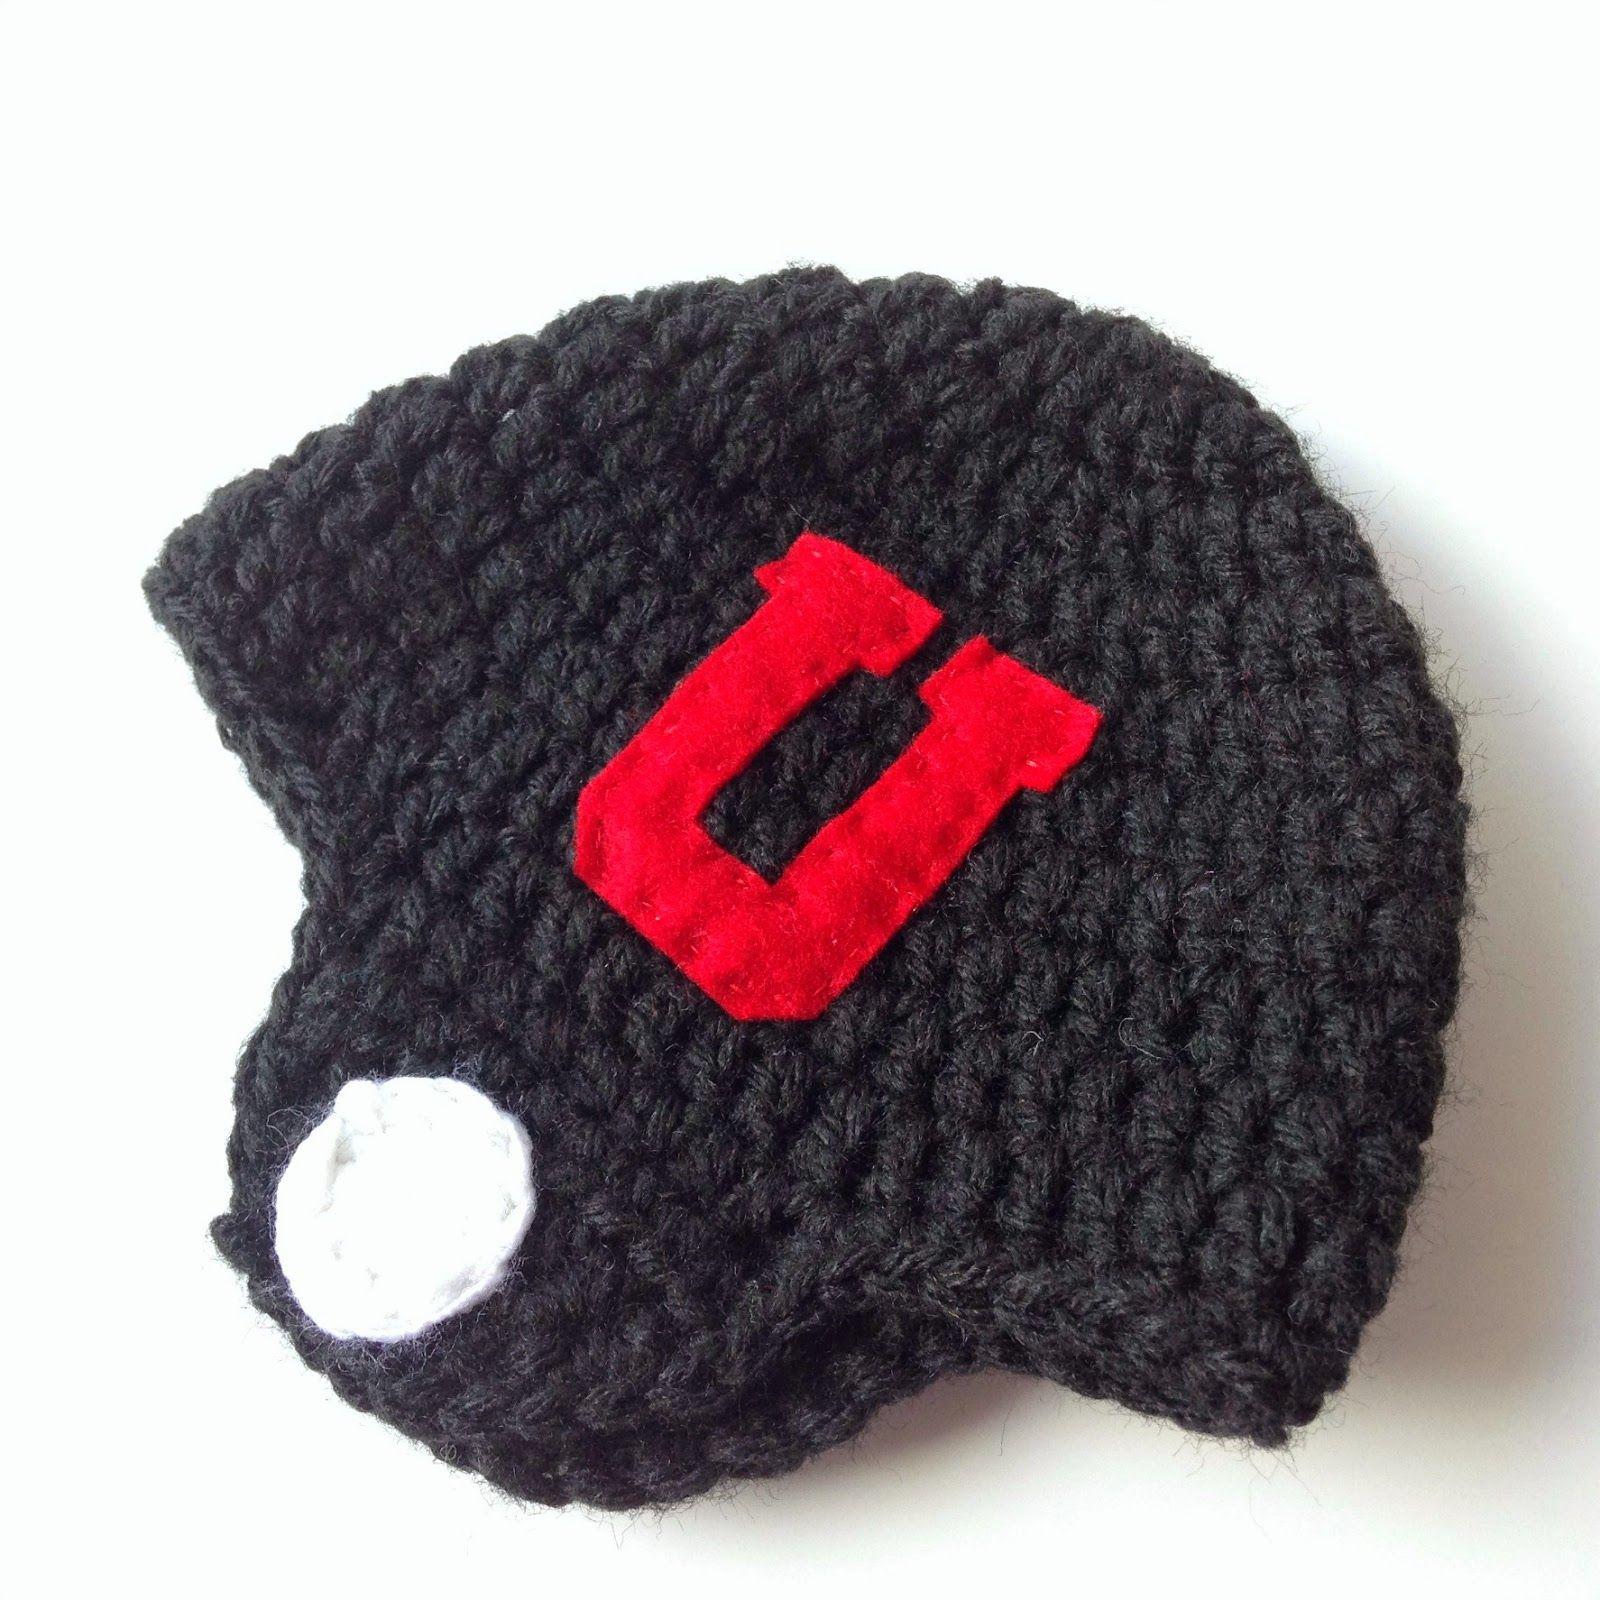 Five Little Monsters Crocheted Football Helmet Hats Free Pattern